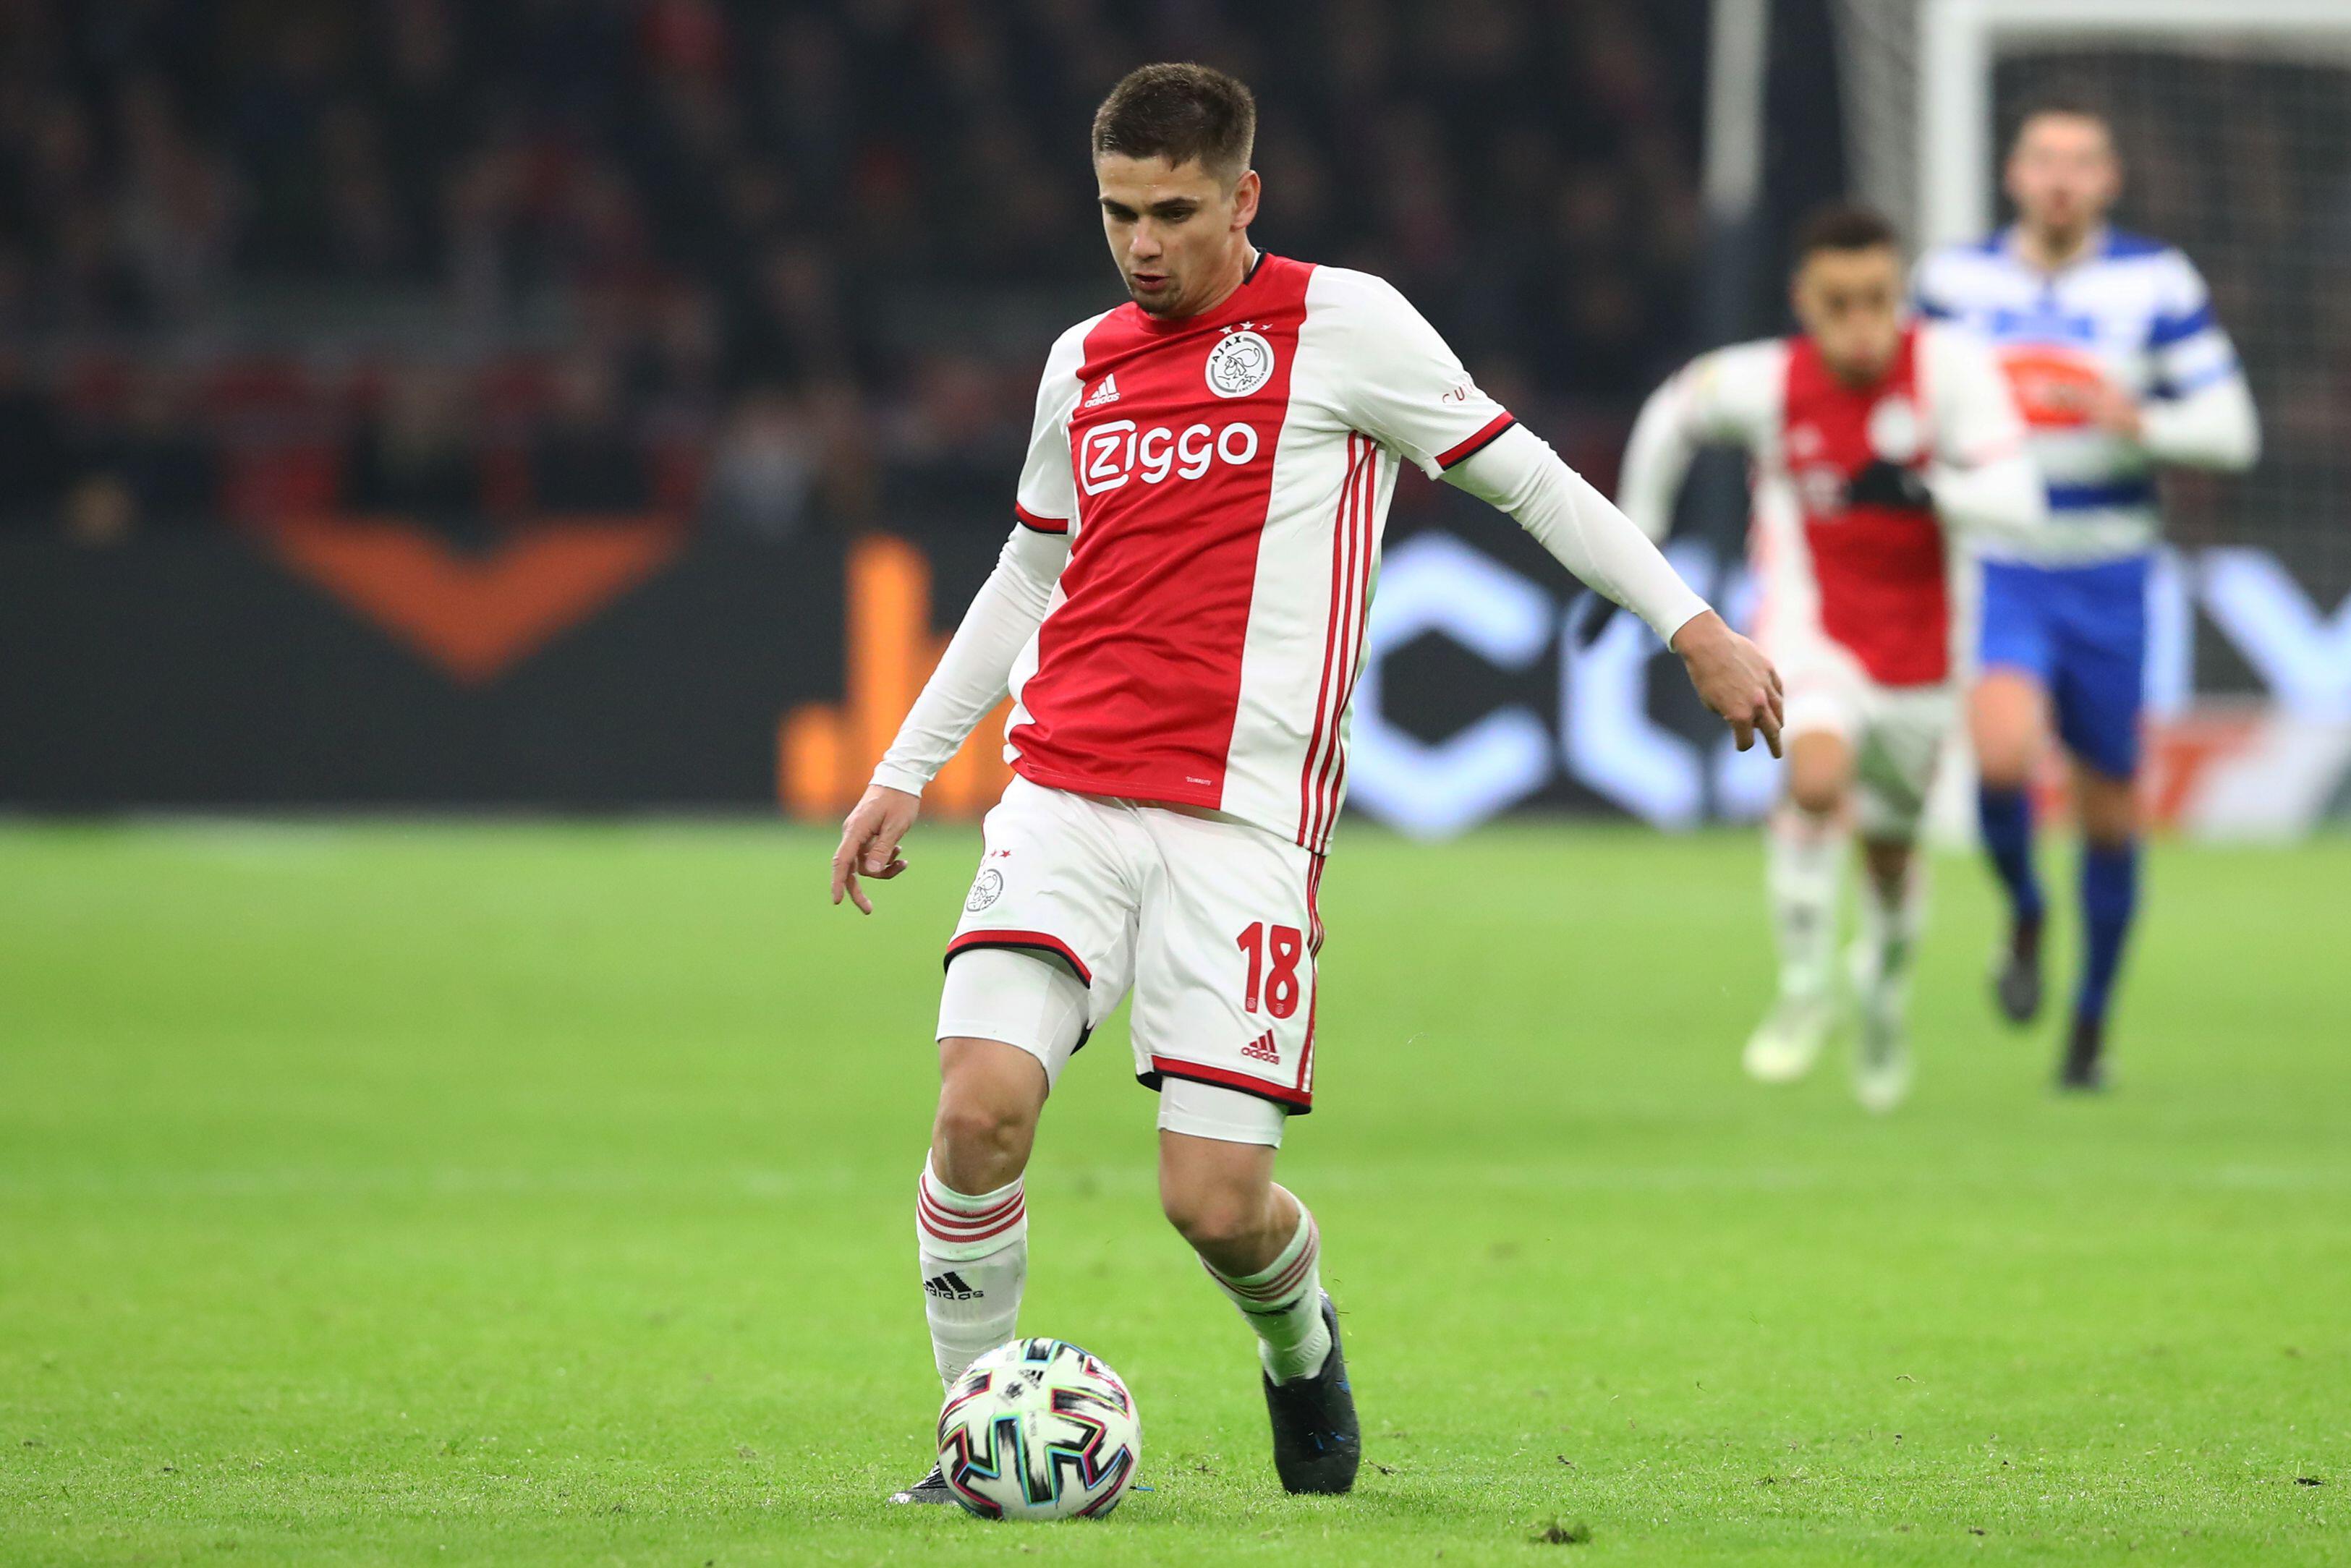 """Răzvan Marin, titular la Ajax? """"Cu talentul și mentalitatea sa, mă aștept să reușească"""""""